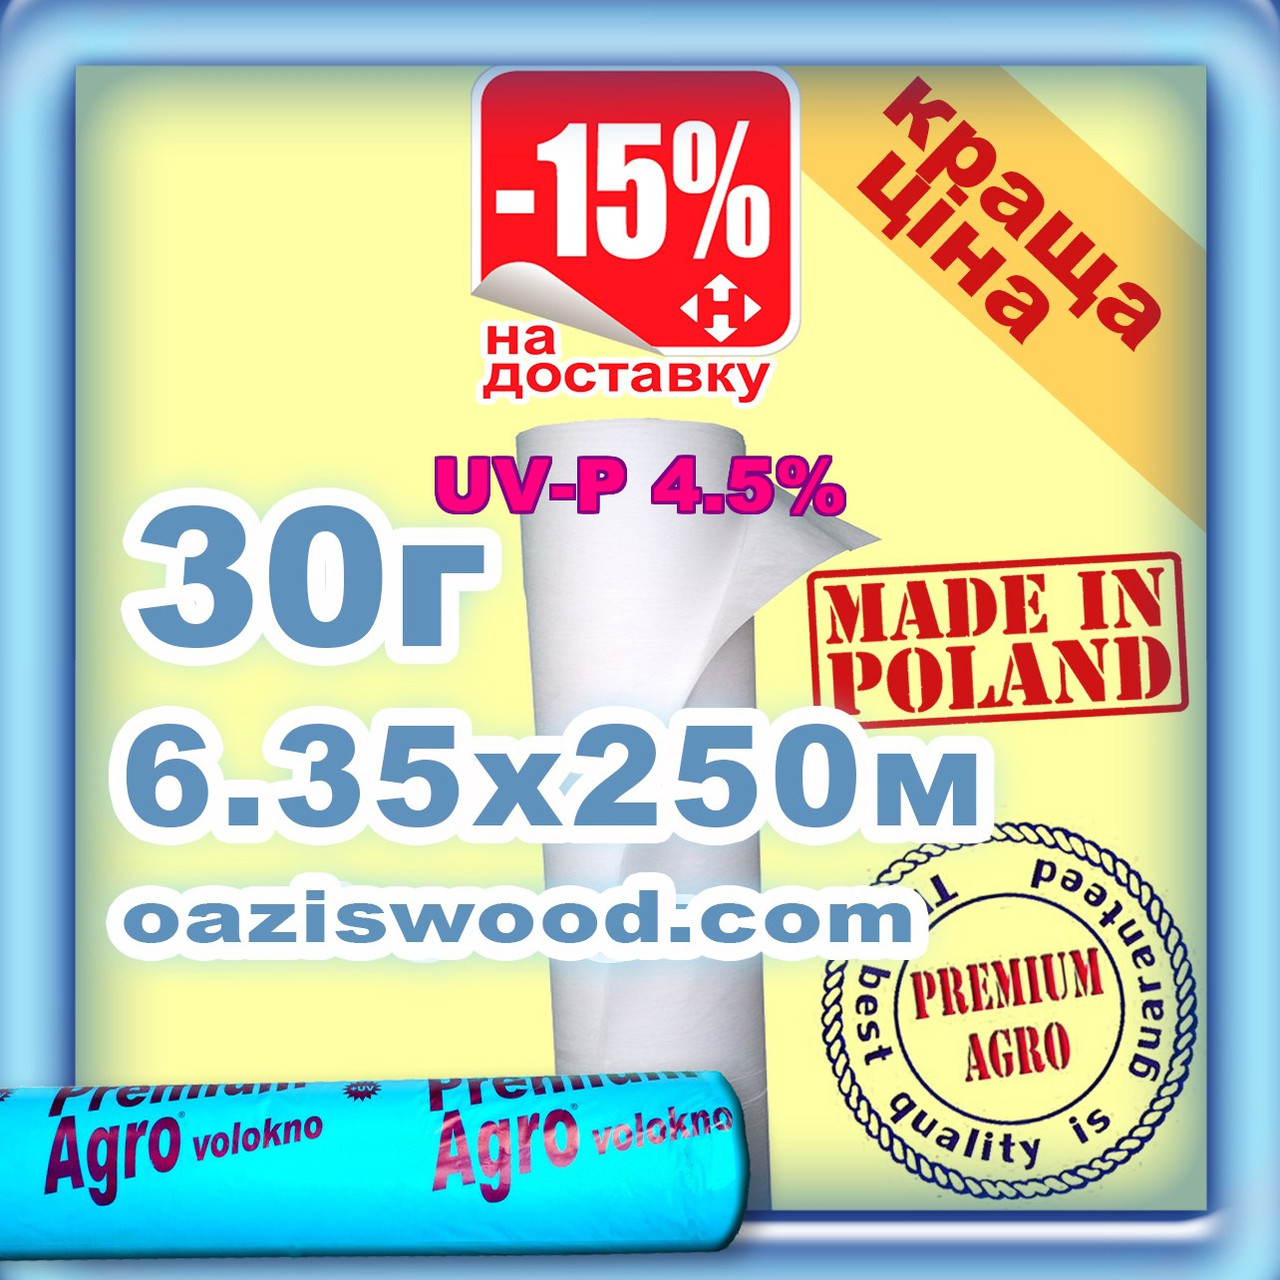 Агроволокно р-30g 6.35*250м белое UV-P 4.5% Premium-Agro Польша